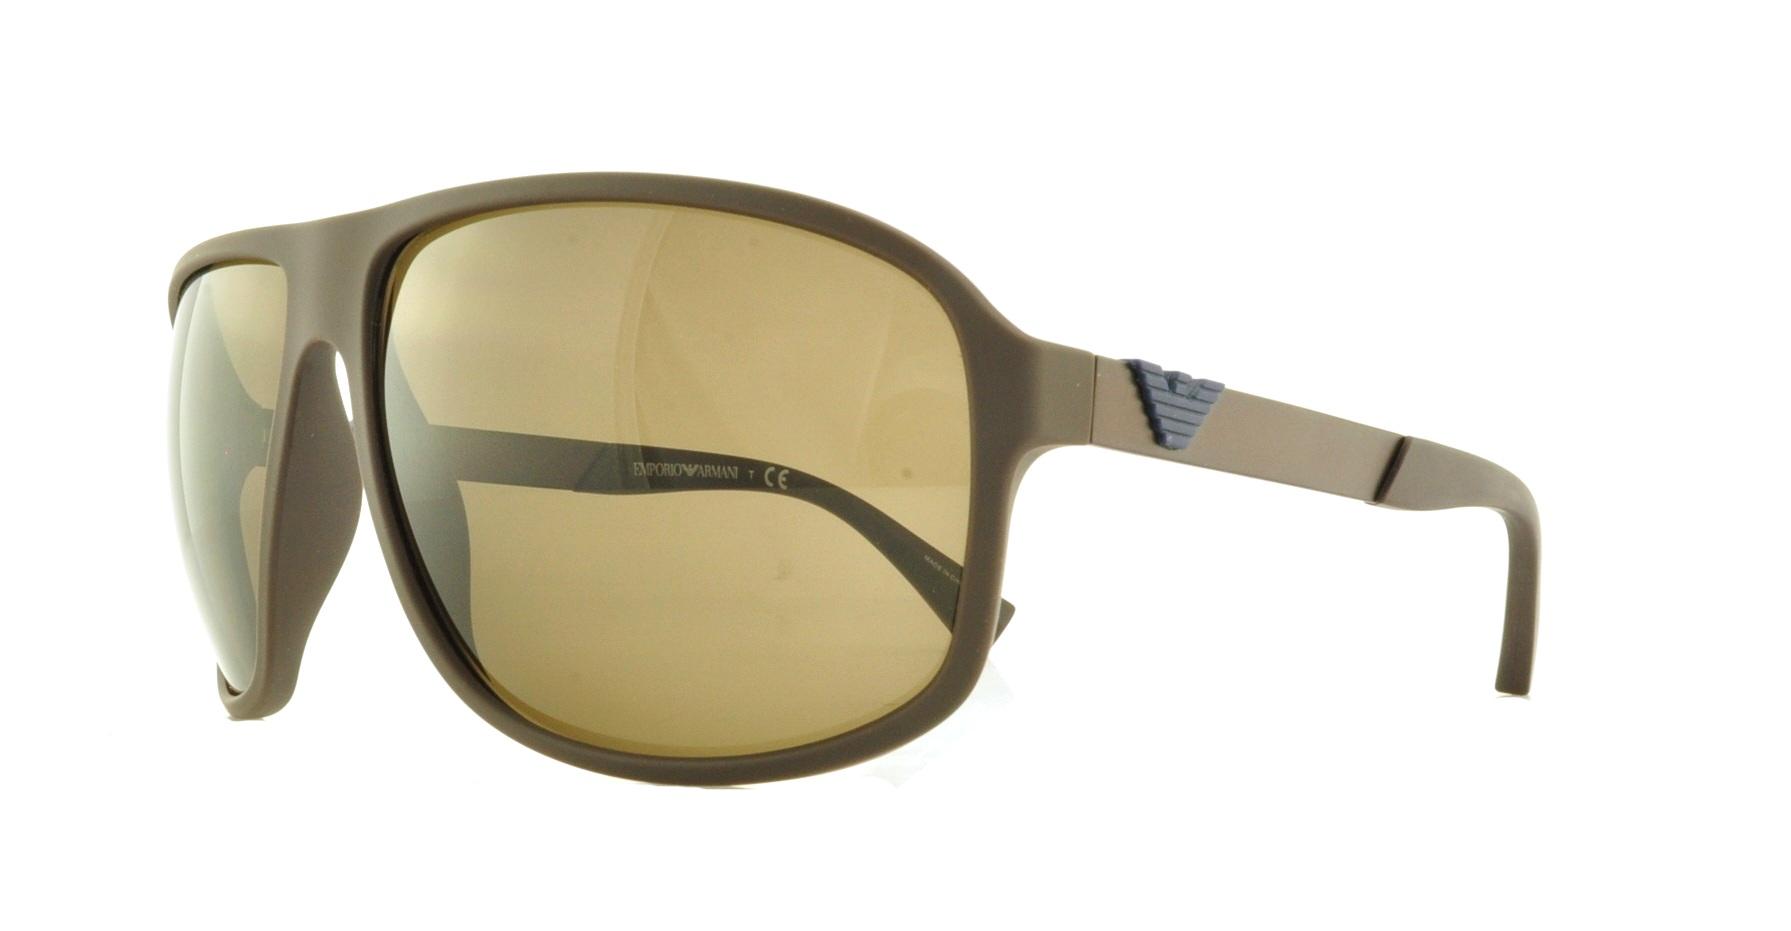 7405bc188598 Designer Frames Outlet. Emporio Armani EA4029